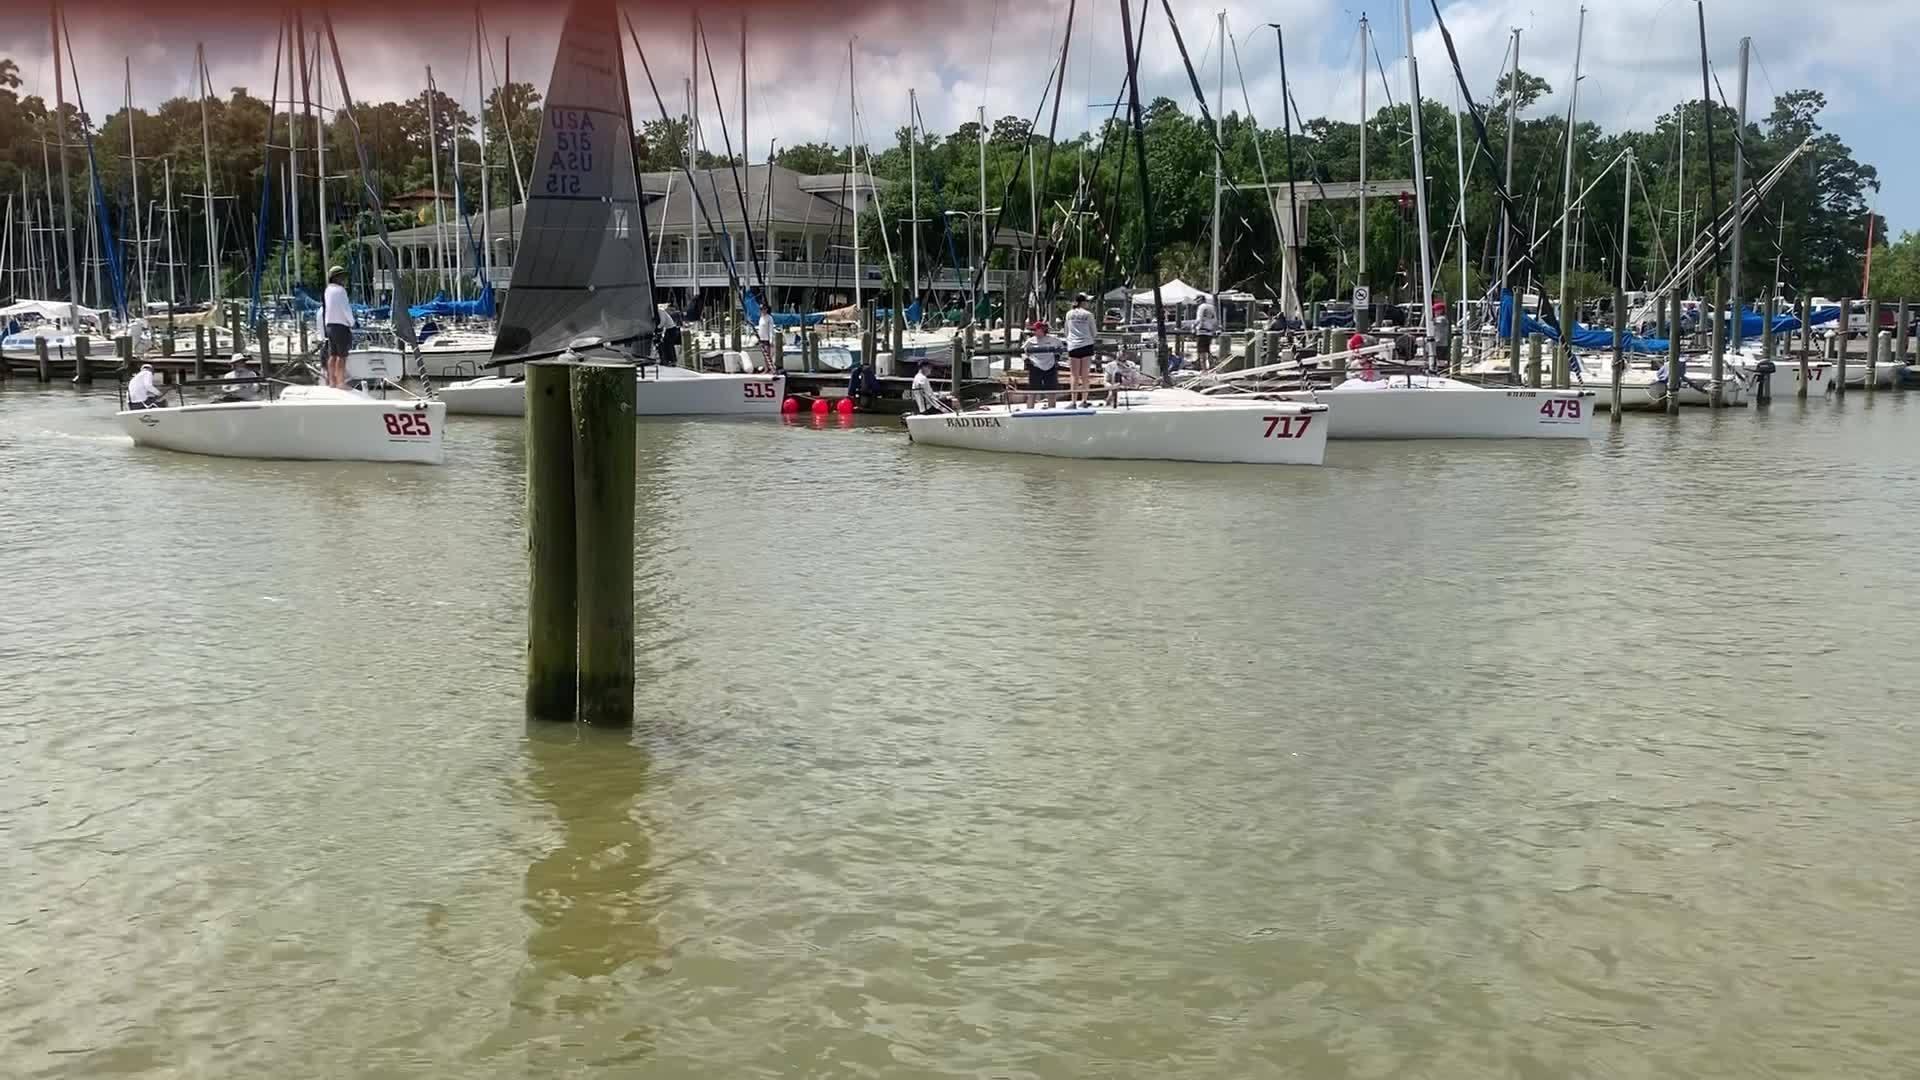 2019 Fairhope regatta kicks off